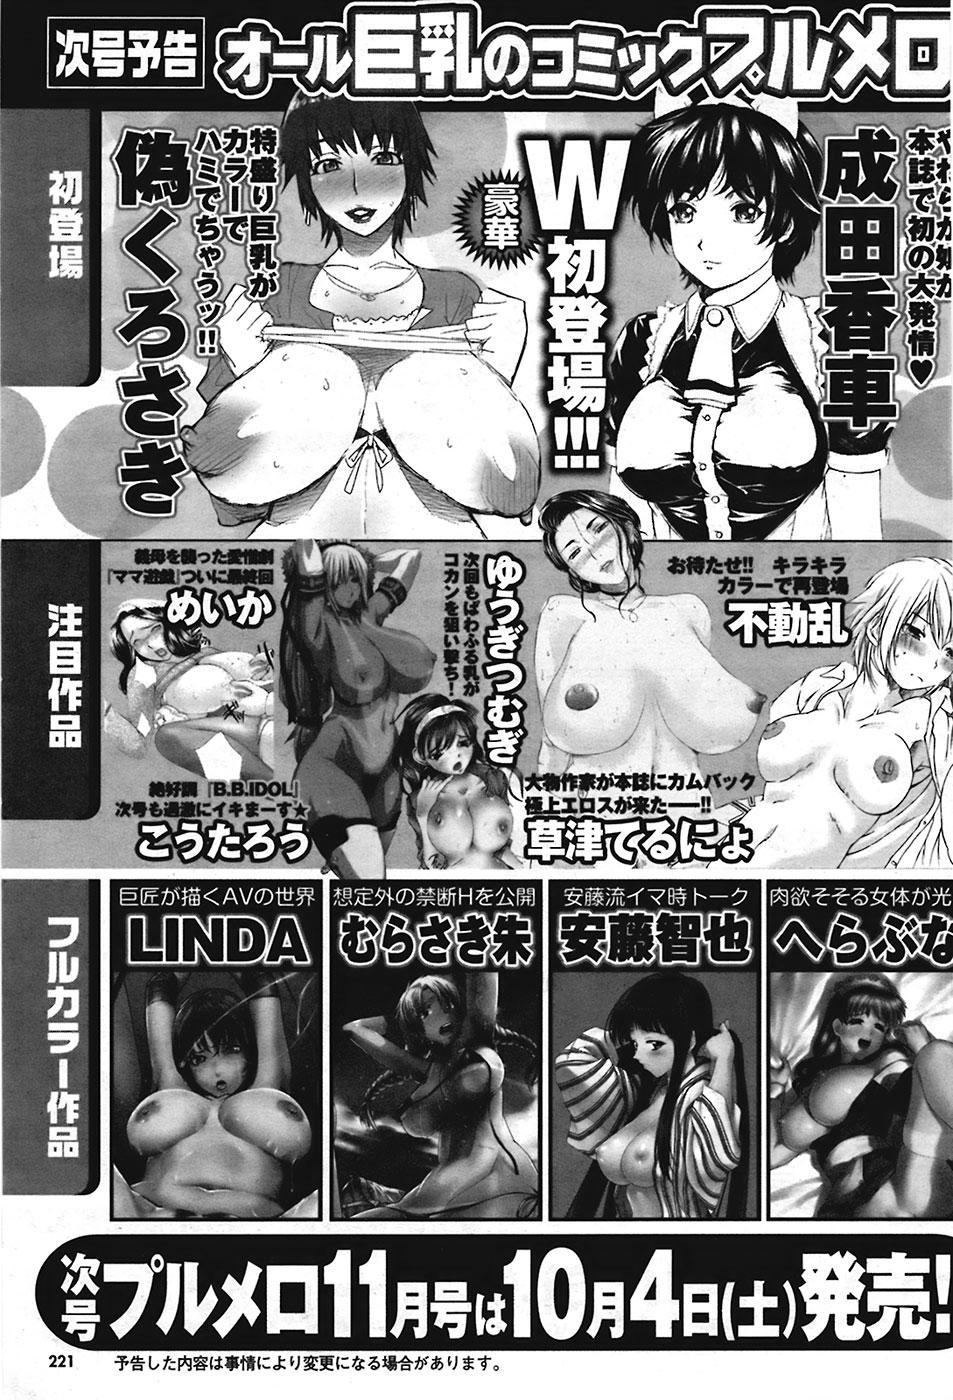 Comic Purumelo 2008-10 Vol.22 220